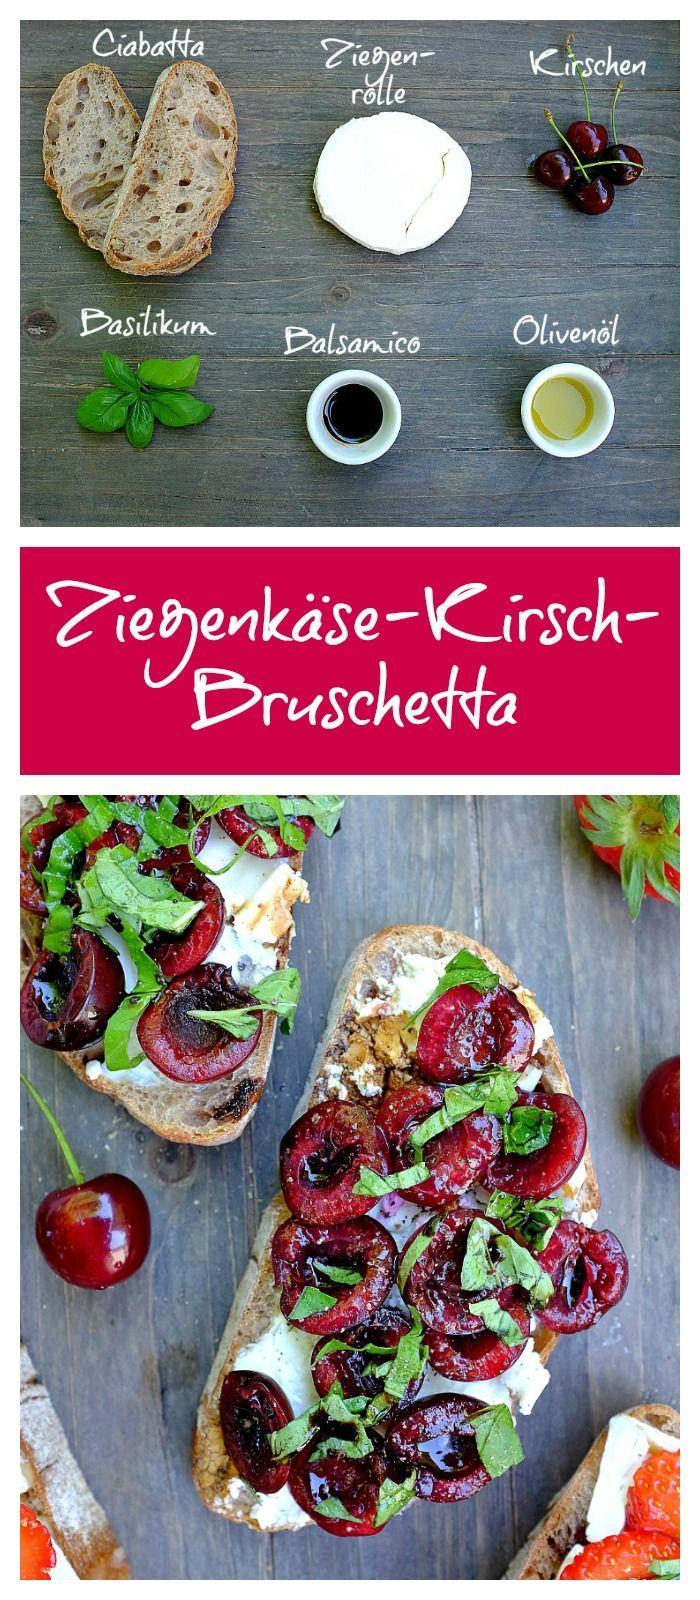 Bruschetta | Crostini | Kirschen | Ziegenkäse | einfach | schnell | Abendessen | Appetizer